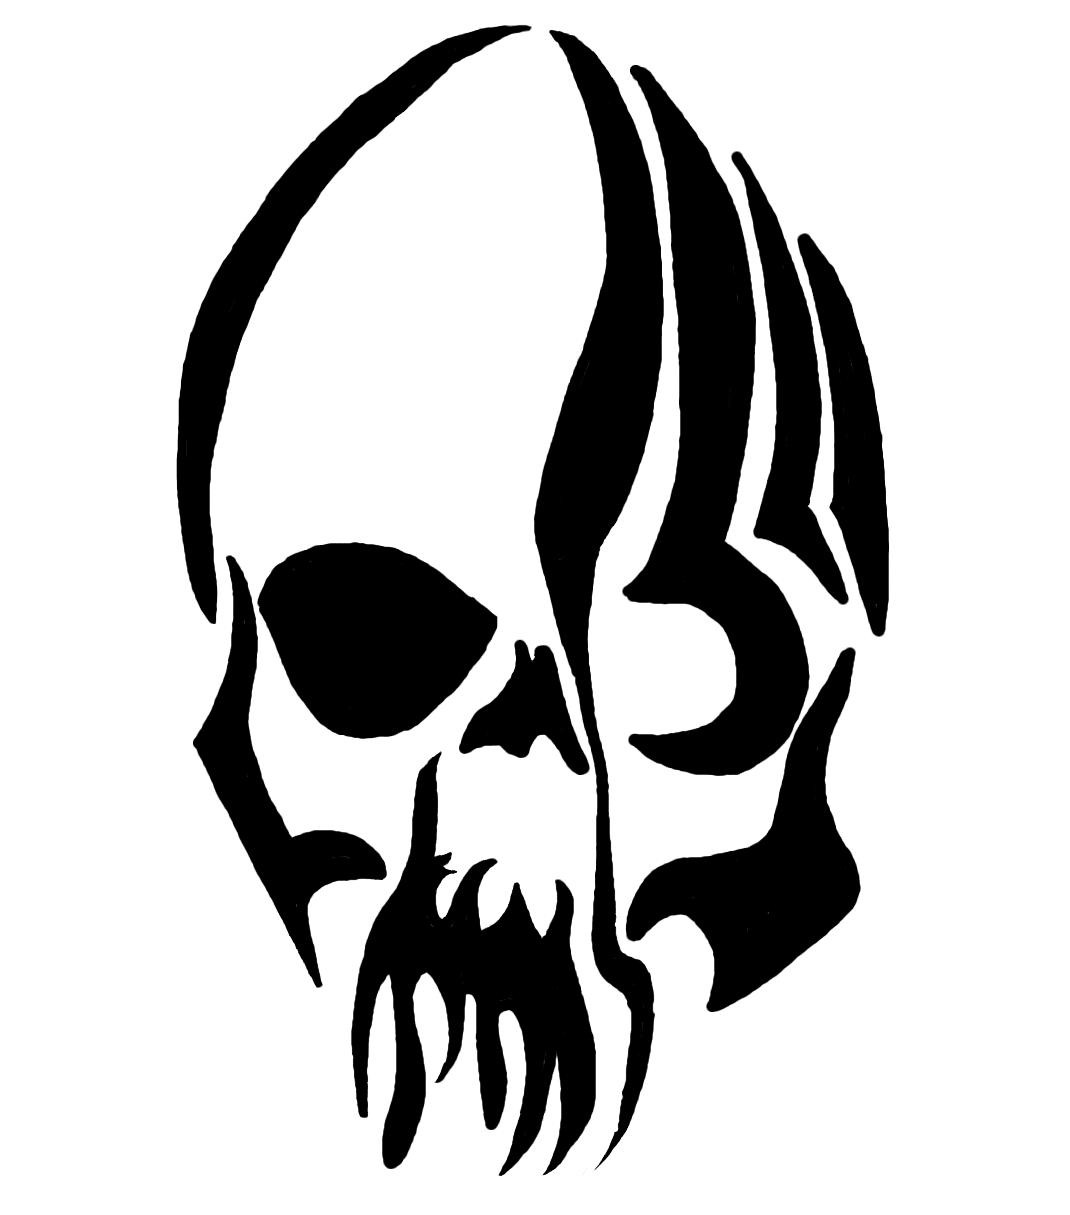 Tribal Death Tattoo: Tattooz Designs: June 2012